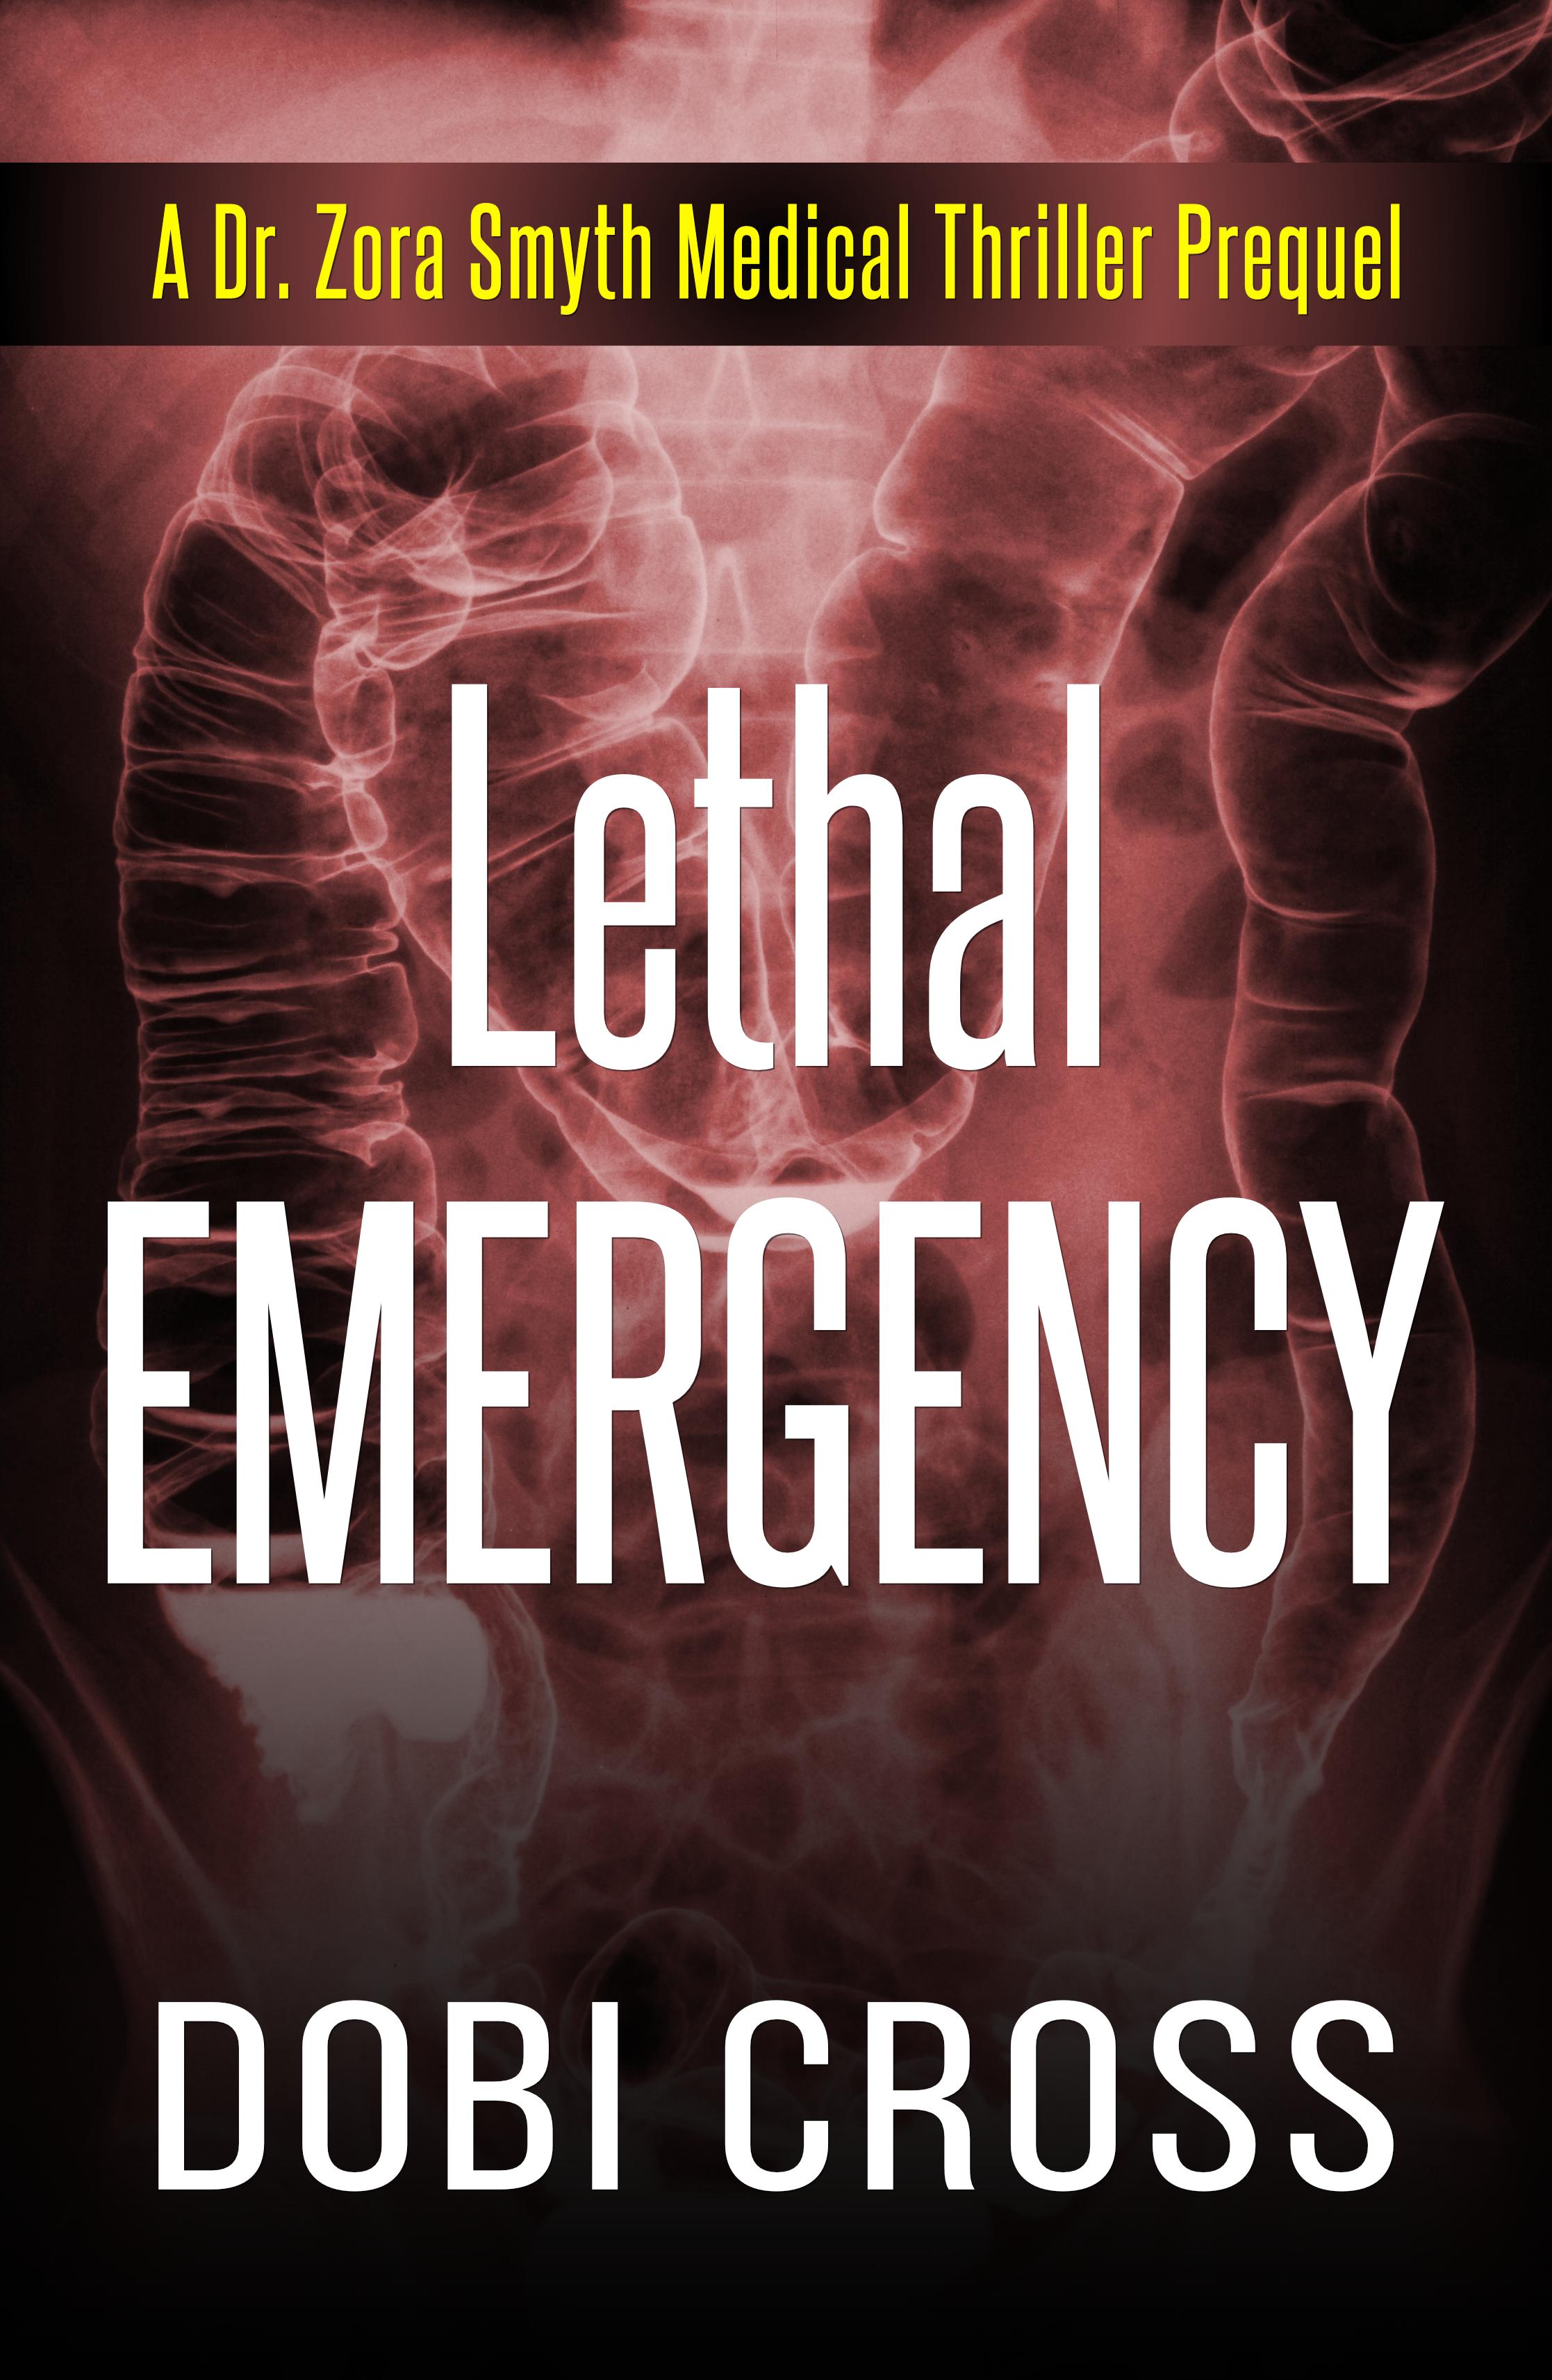 Lethal Emergency (Dr. Zora Smyth Medical Thriller #0.5)